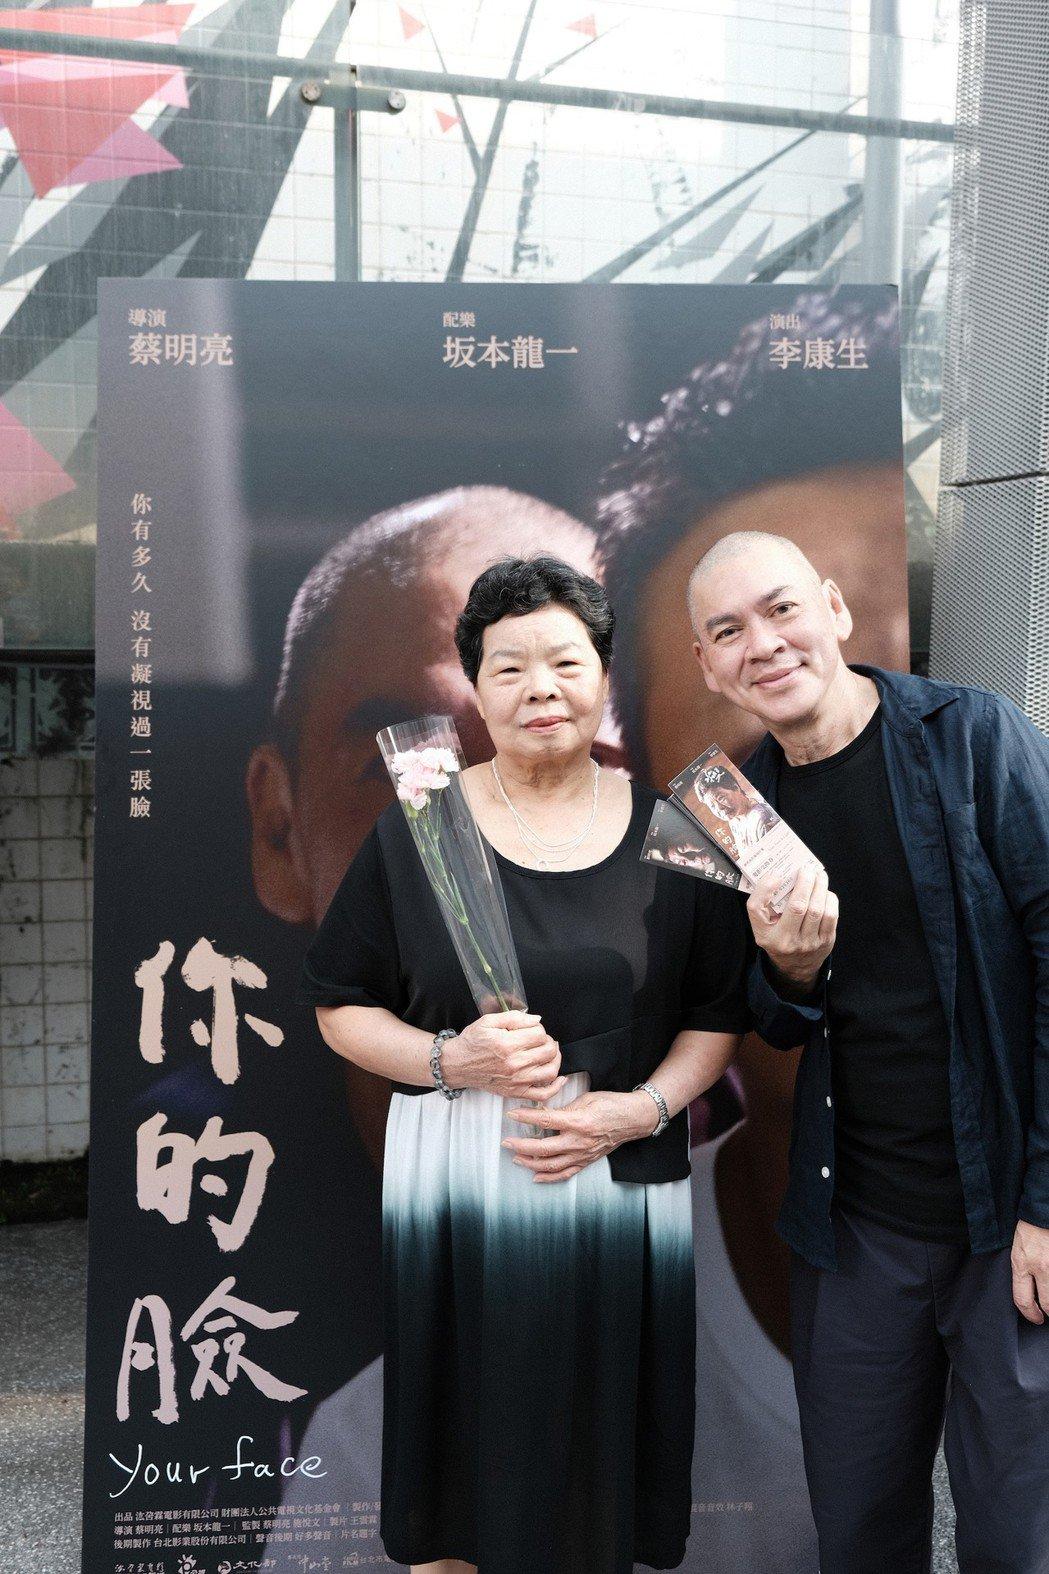 蔡明亮(左)與李康生的媽媽李劉金花女士(右)合影,慶祝母親節。圖/汯呄霖提供